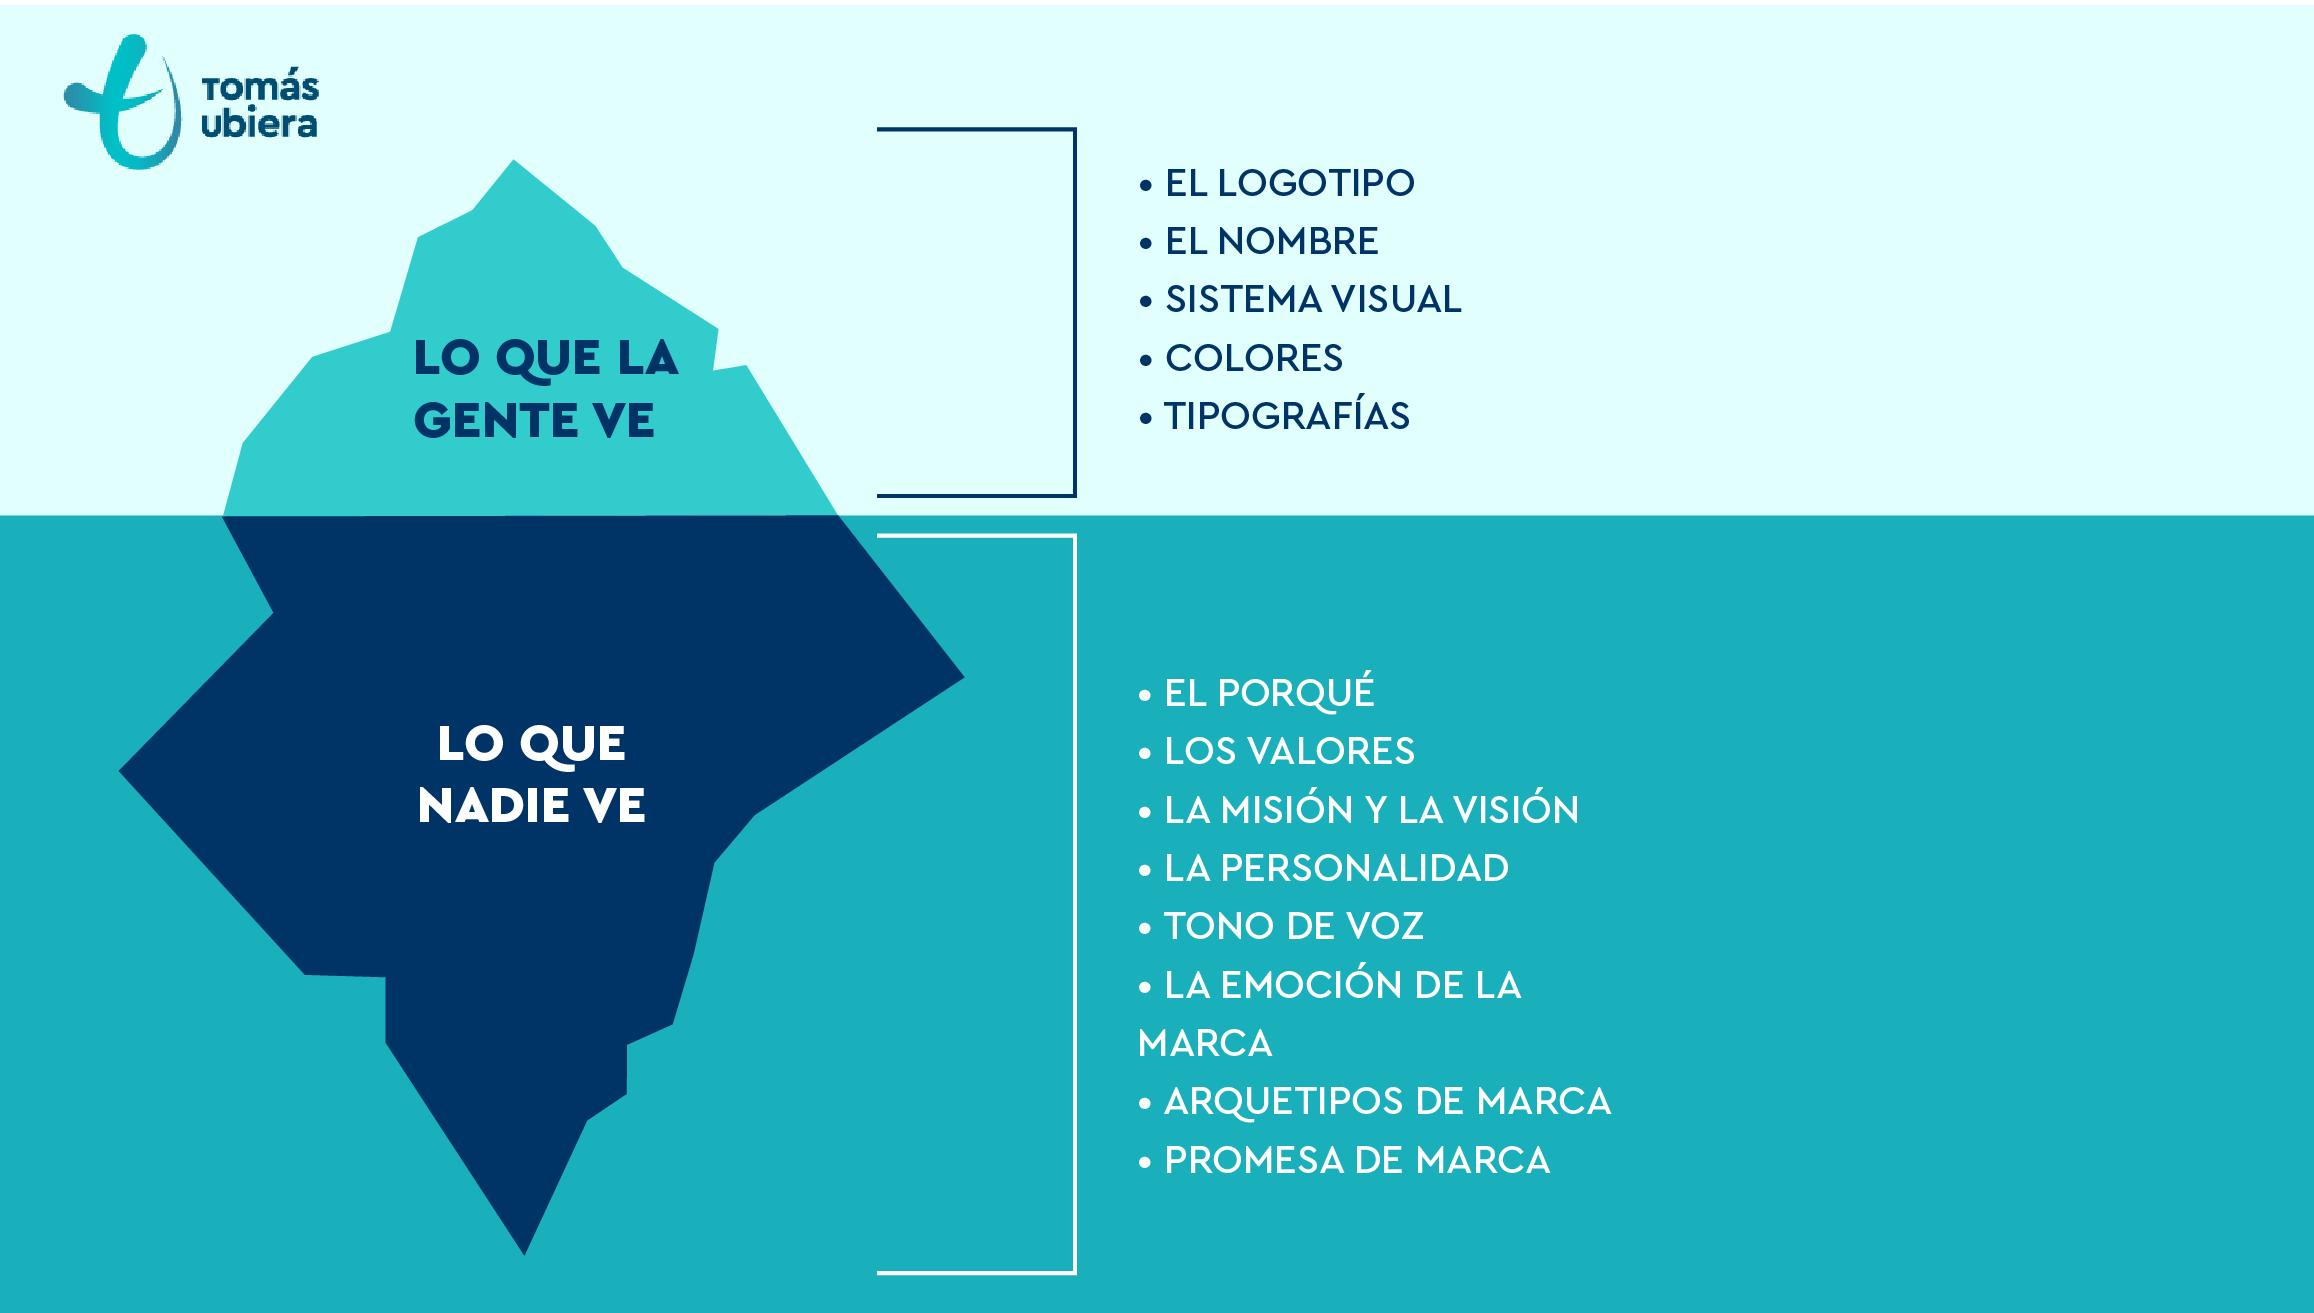 Branding-Iceberg-Tomas-Ubiera